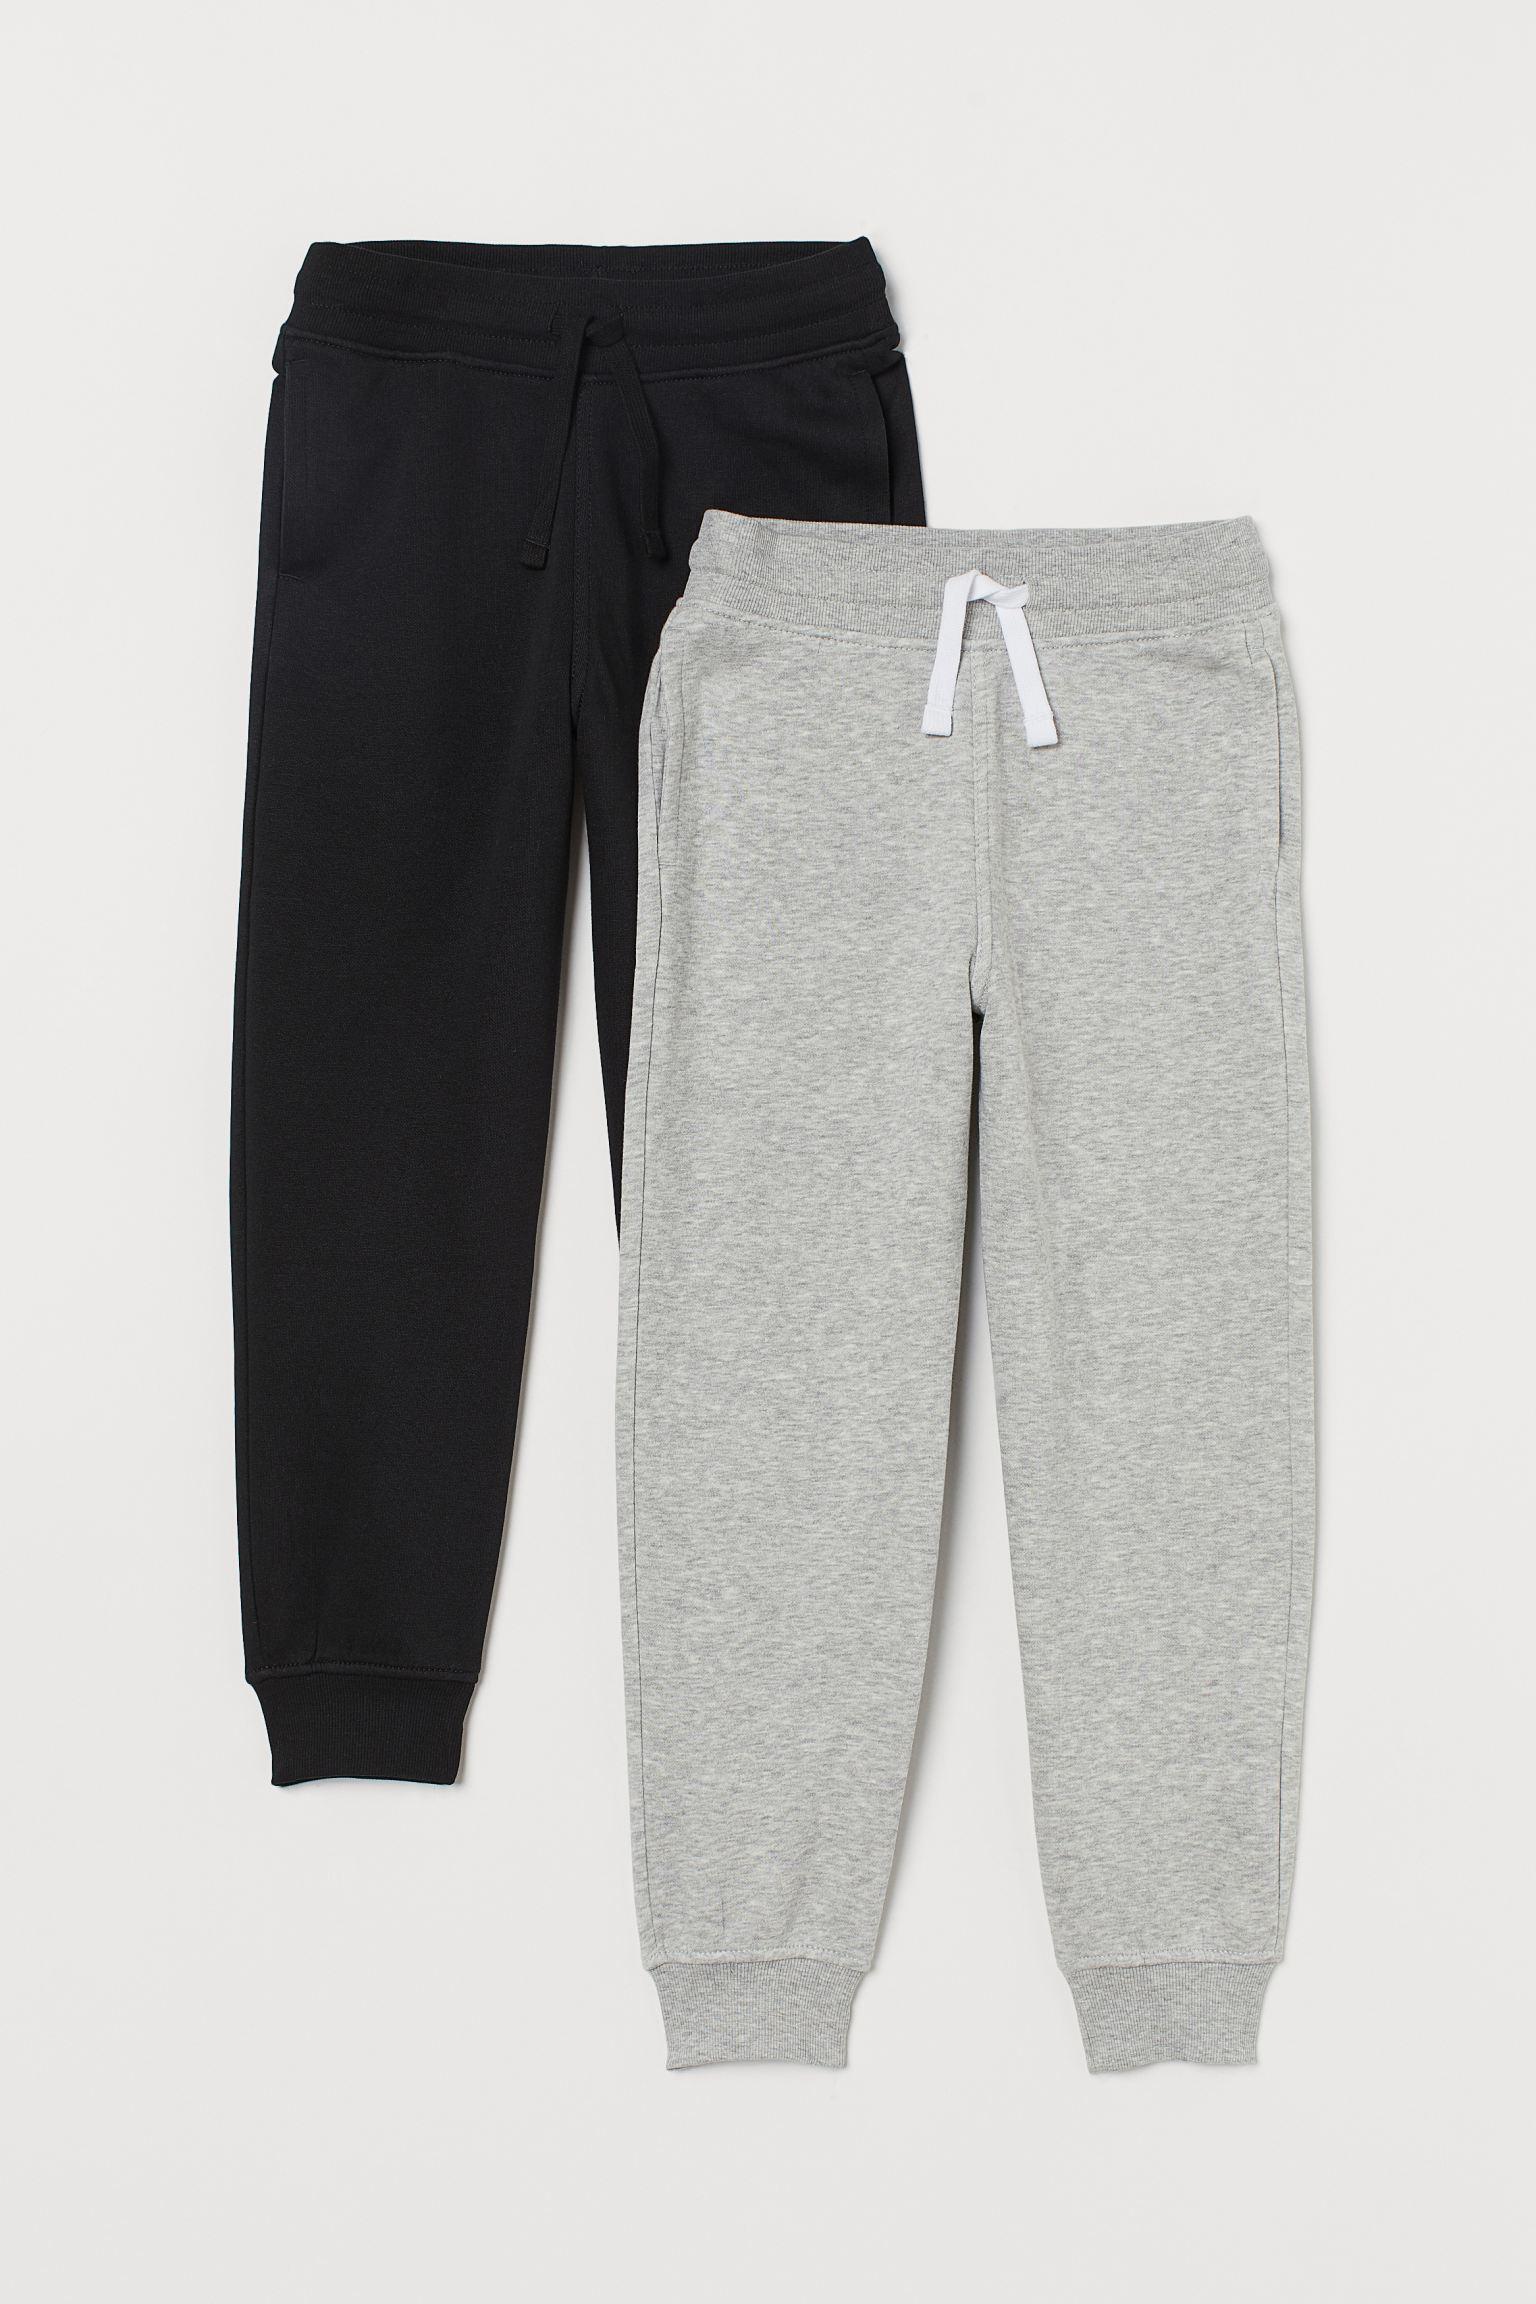 Отзыв на 2-пары Спортивные штаны из Интернет-Магазина H&M